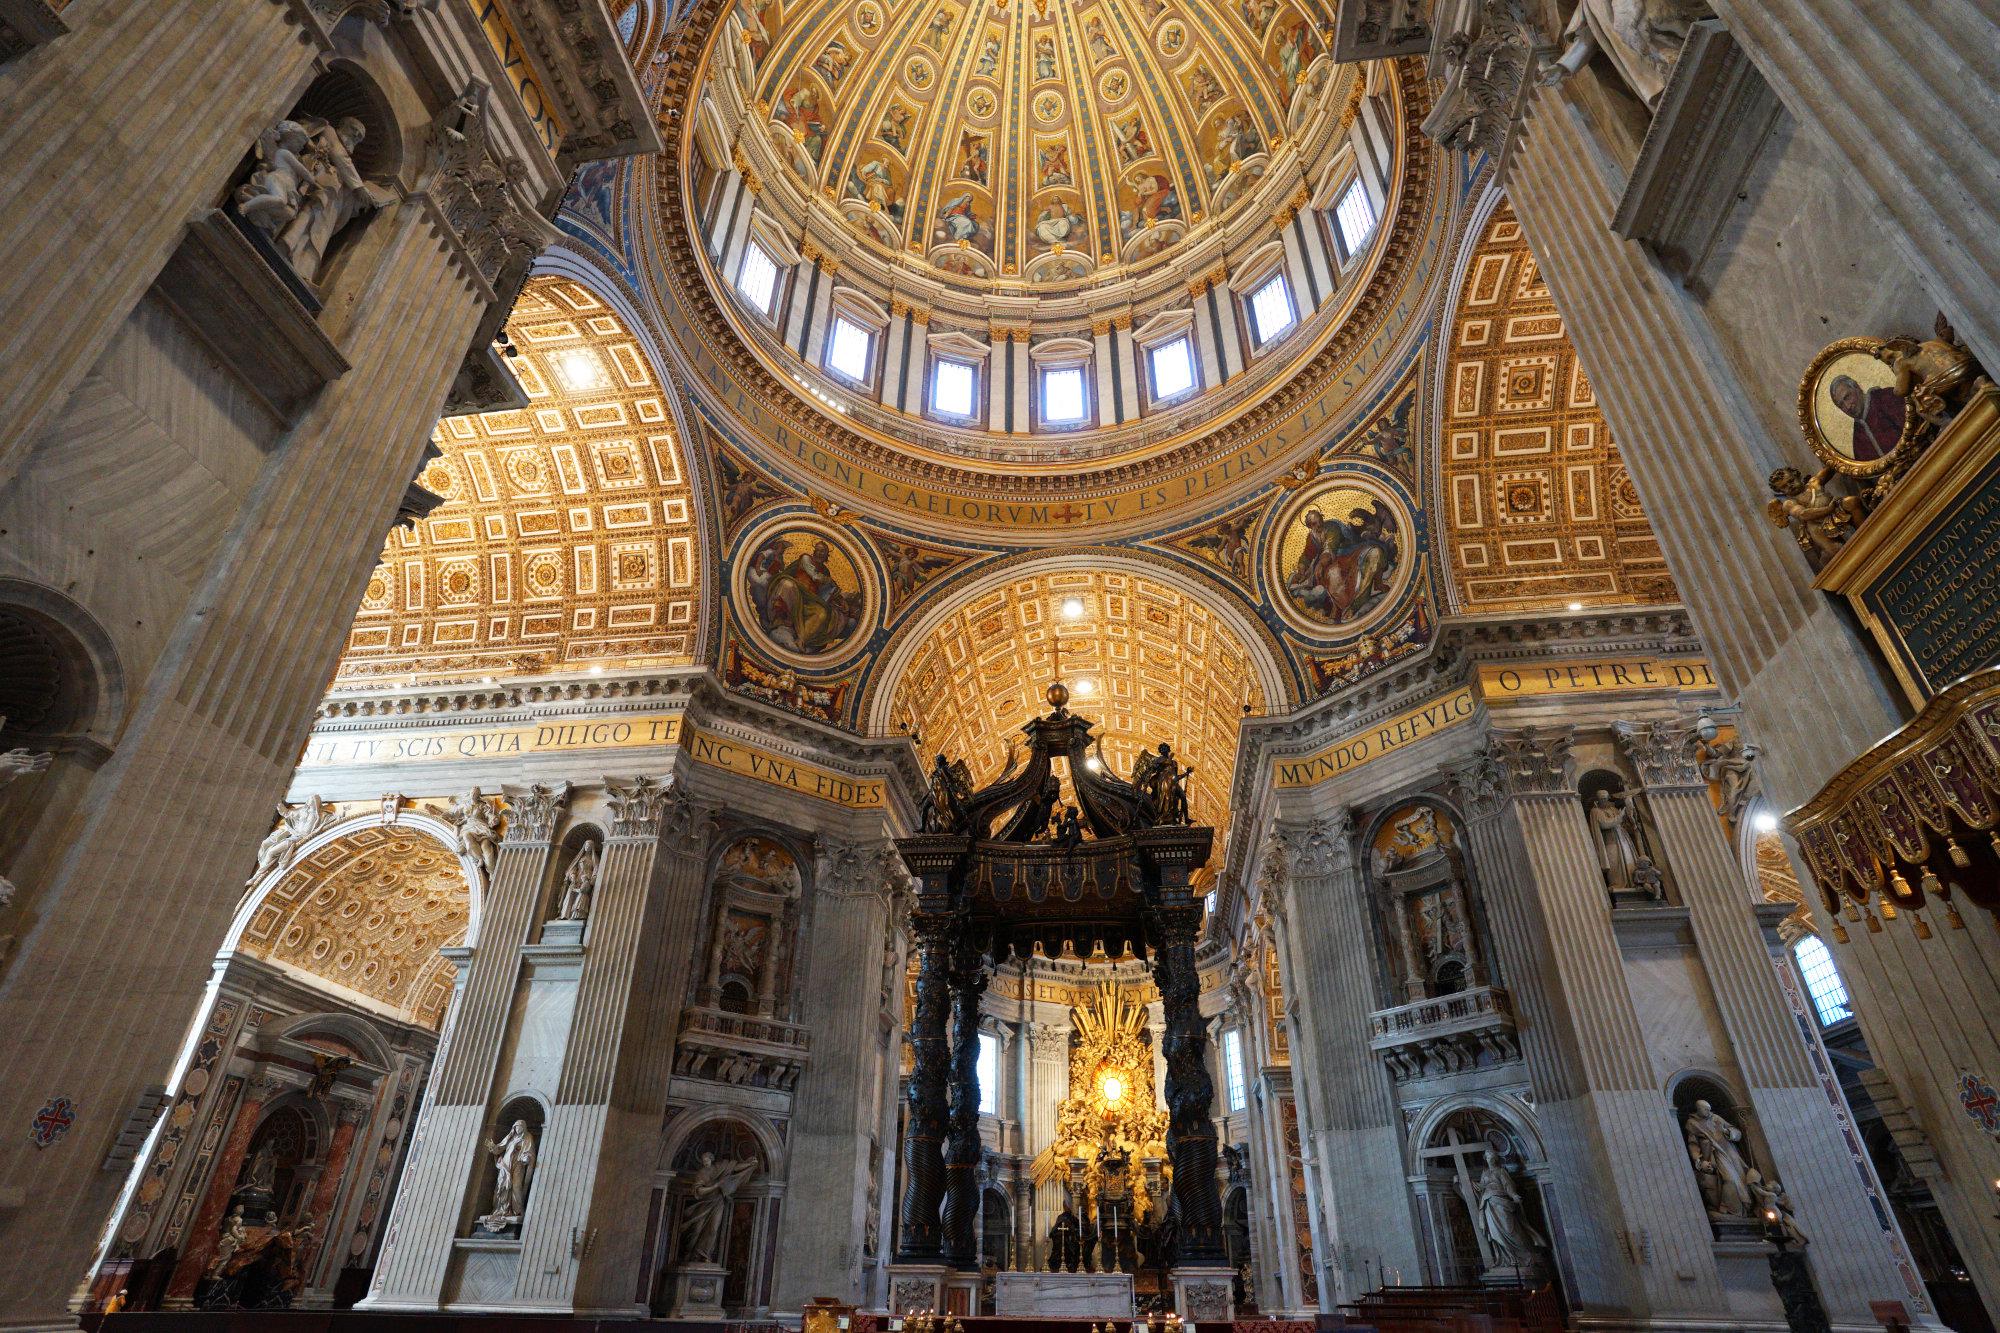 Vatikan Petersdom Altar und Kuppel